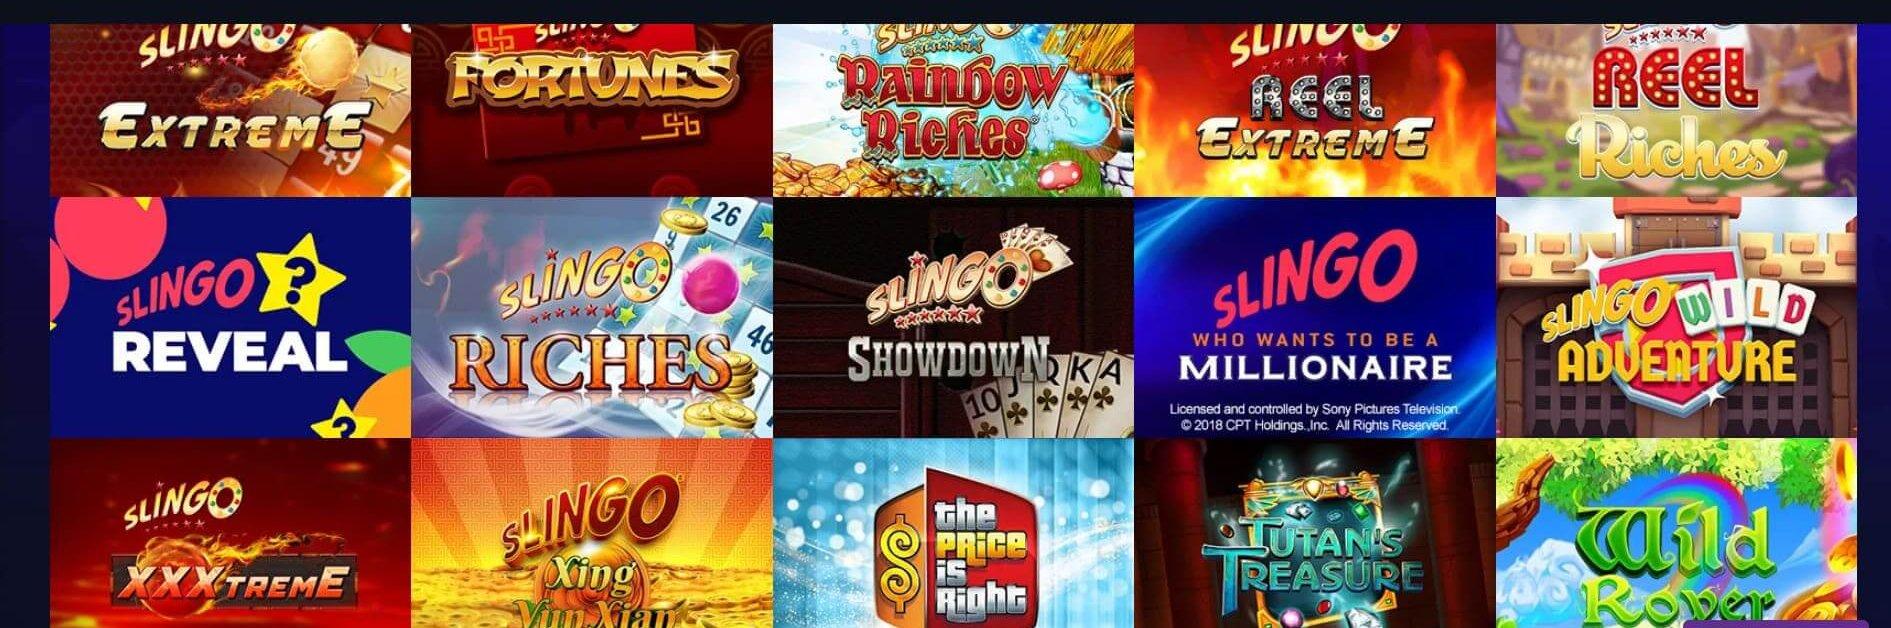 Singo är bara en av alla kategorier hos Race Casino